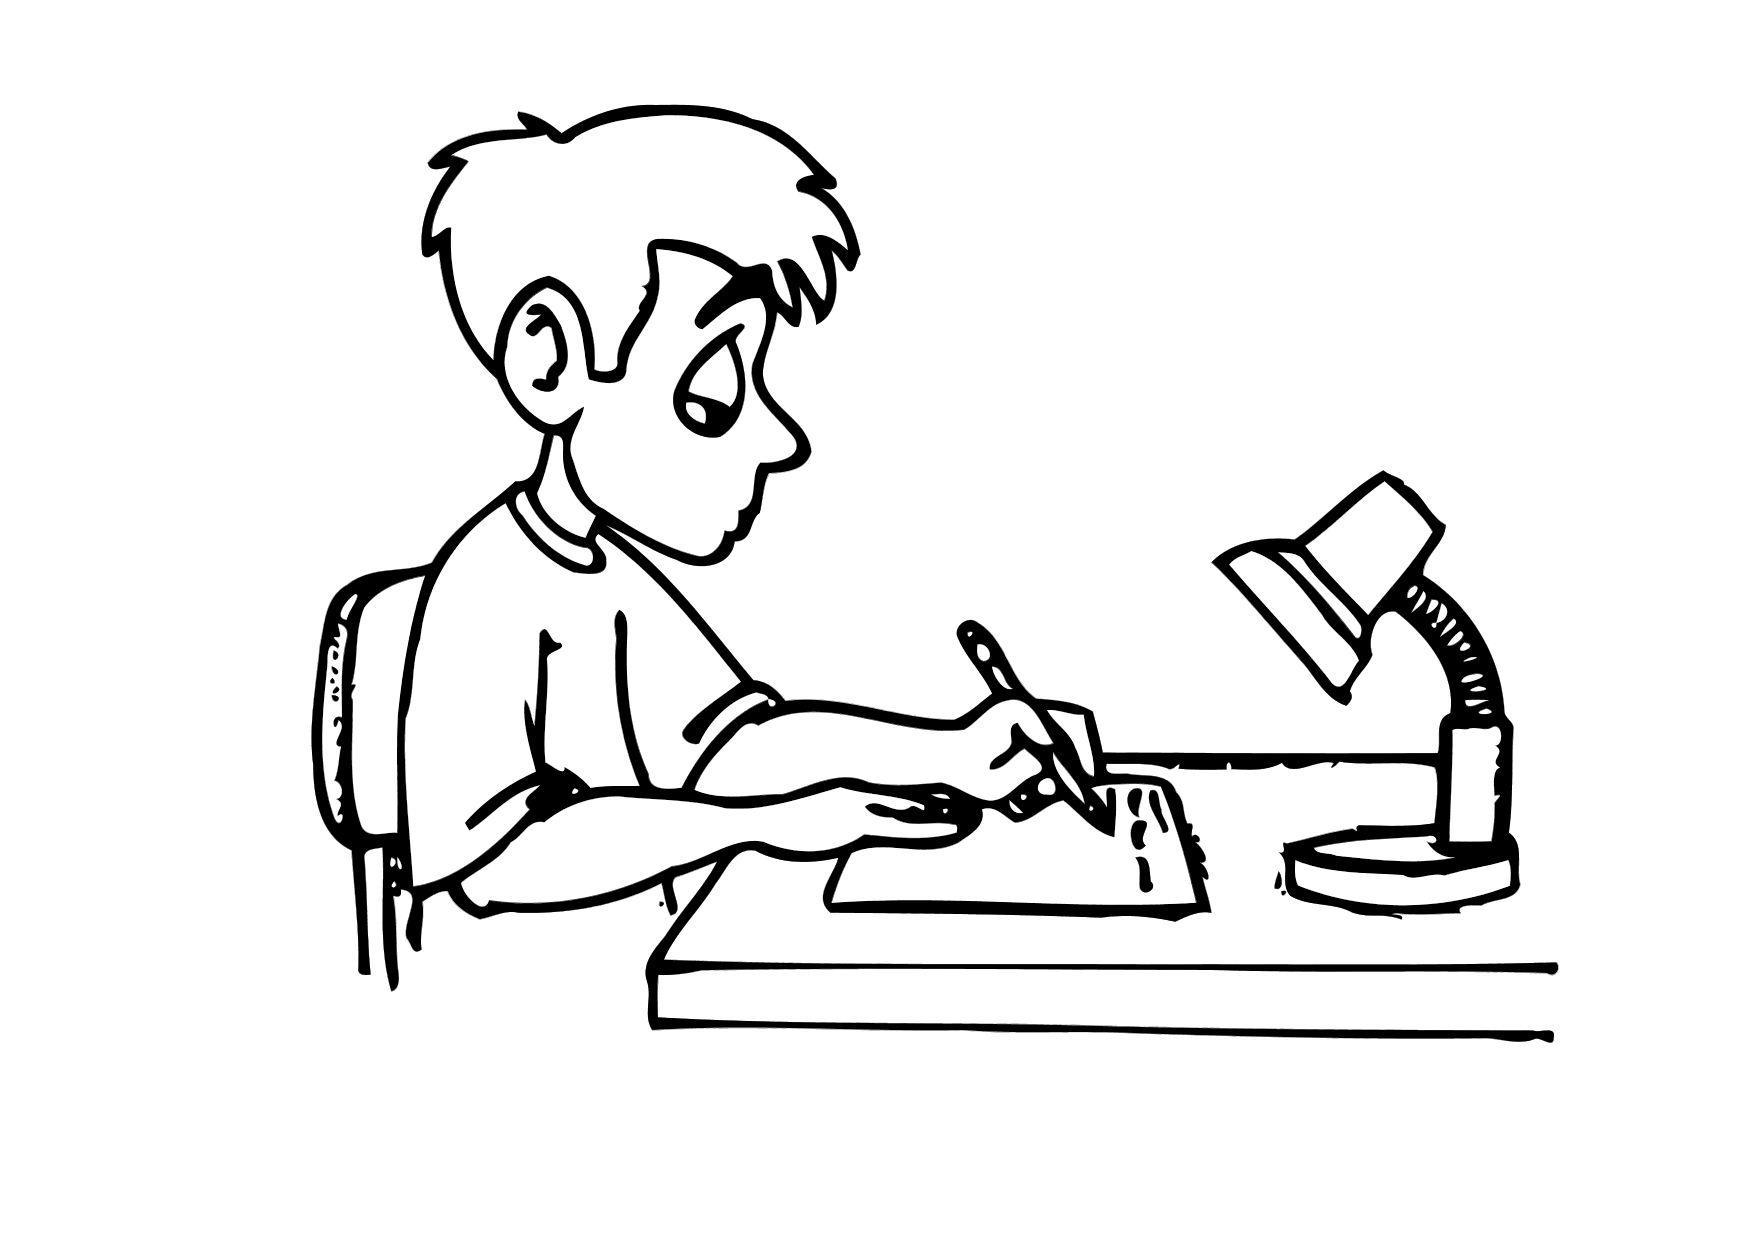 Malvorlage schreiben - Hausarbeit | Ausmalbild 12158.